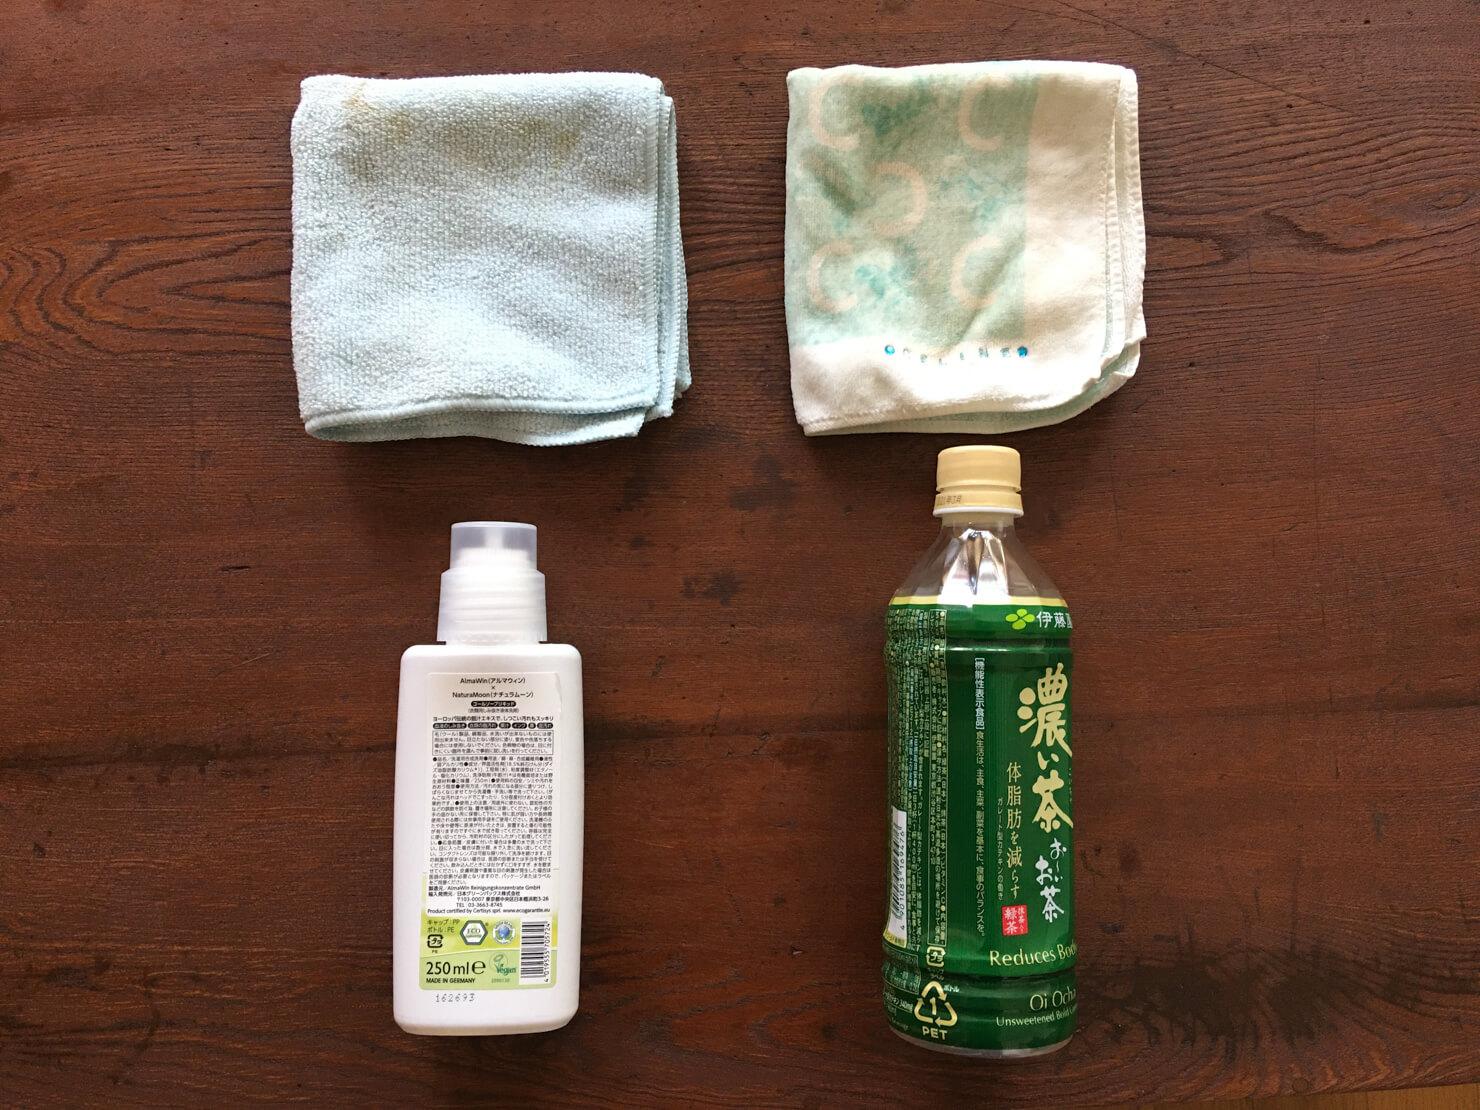 掃除用具と暑さ対策用具の写真